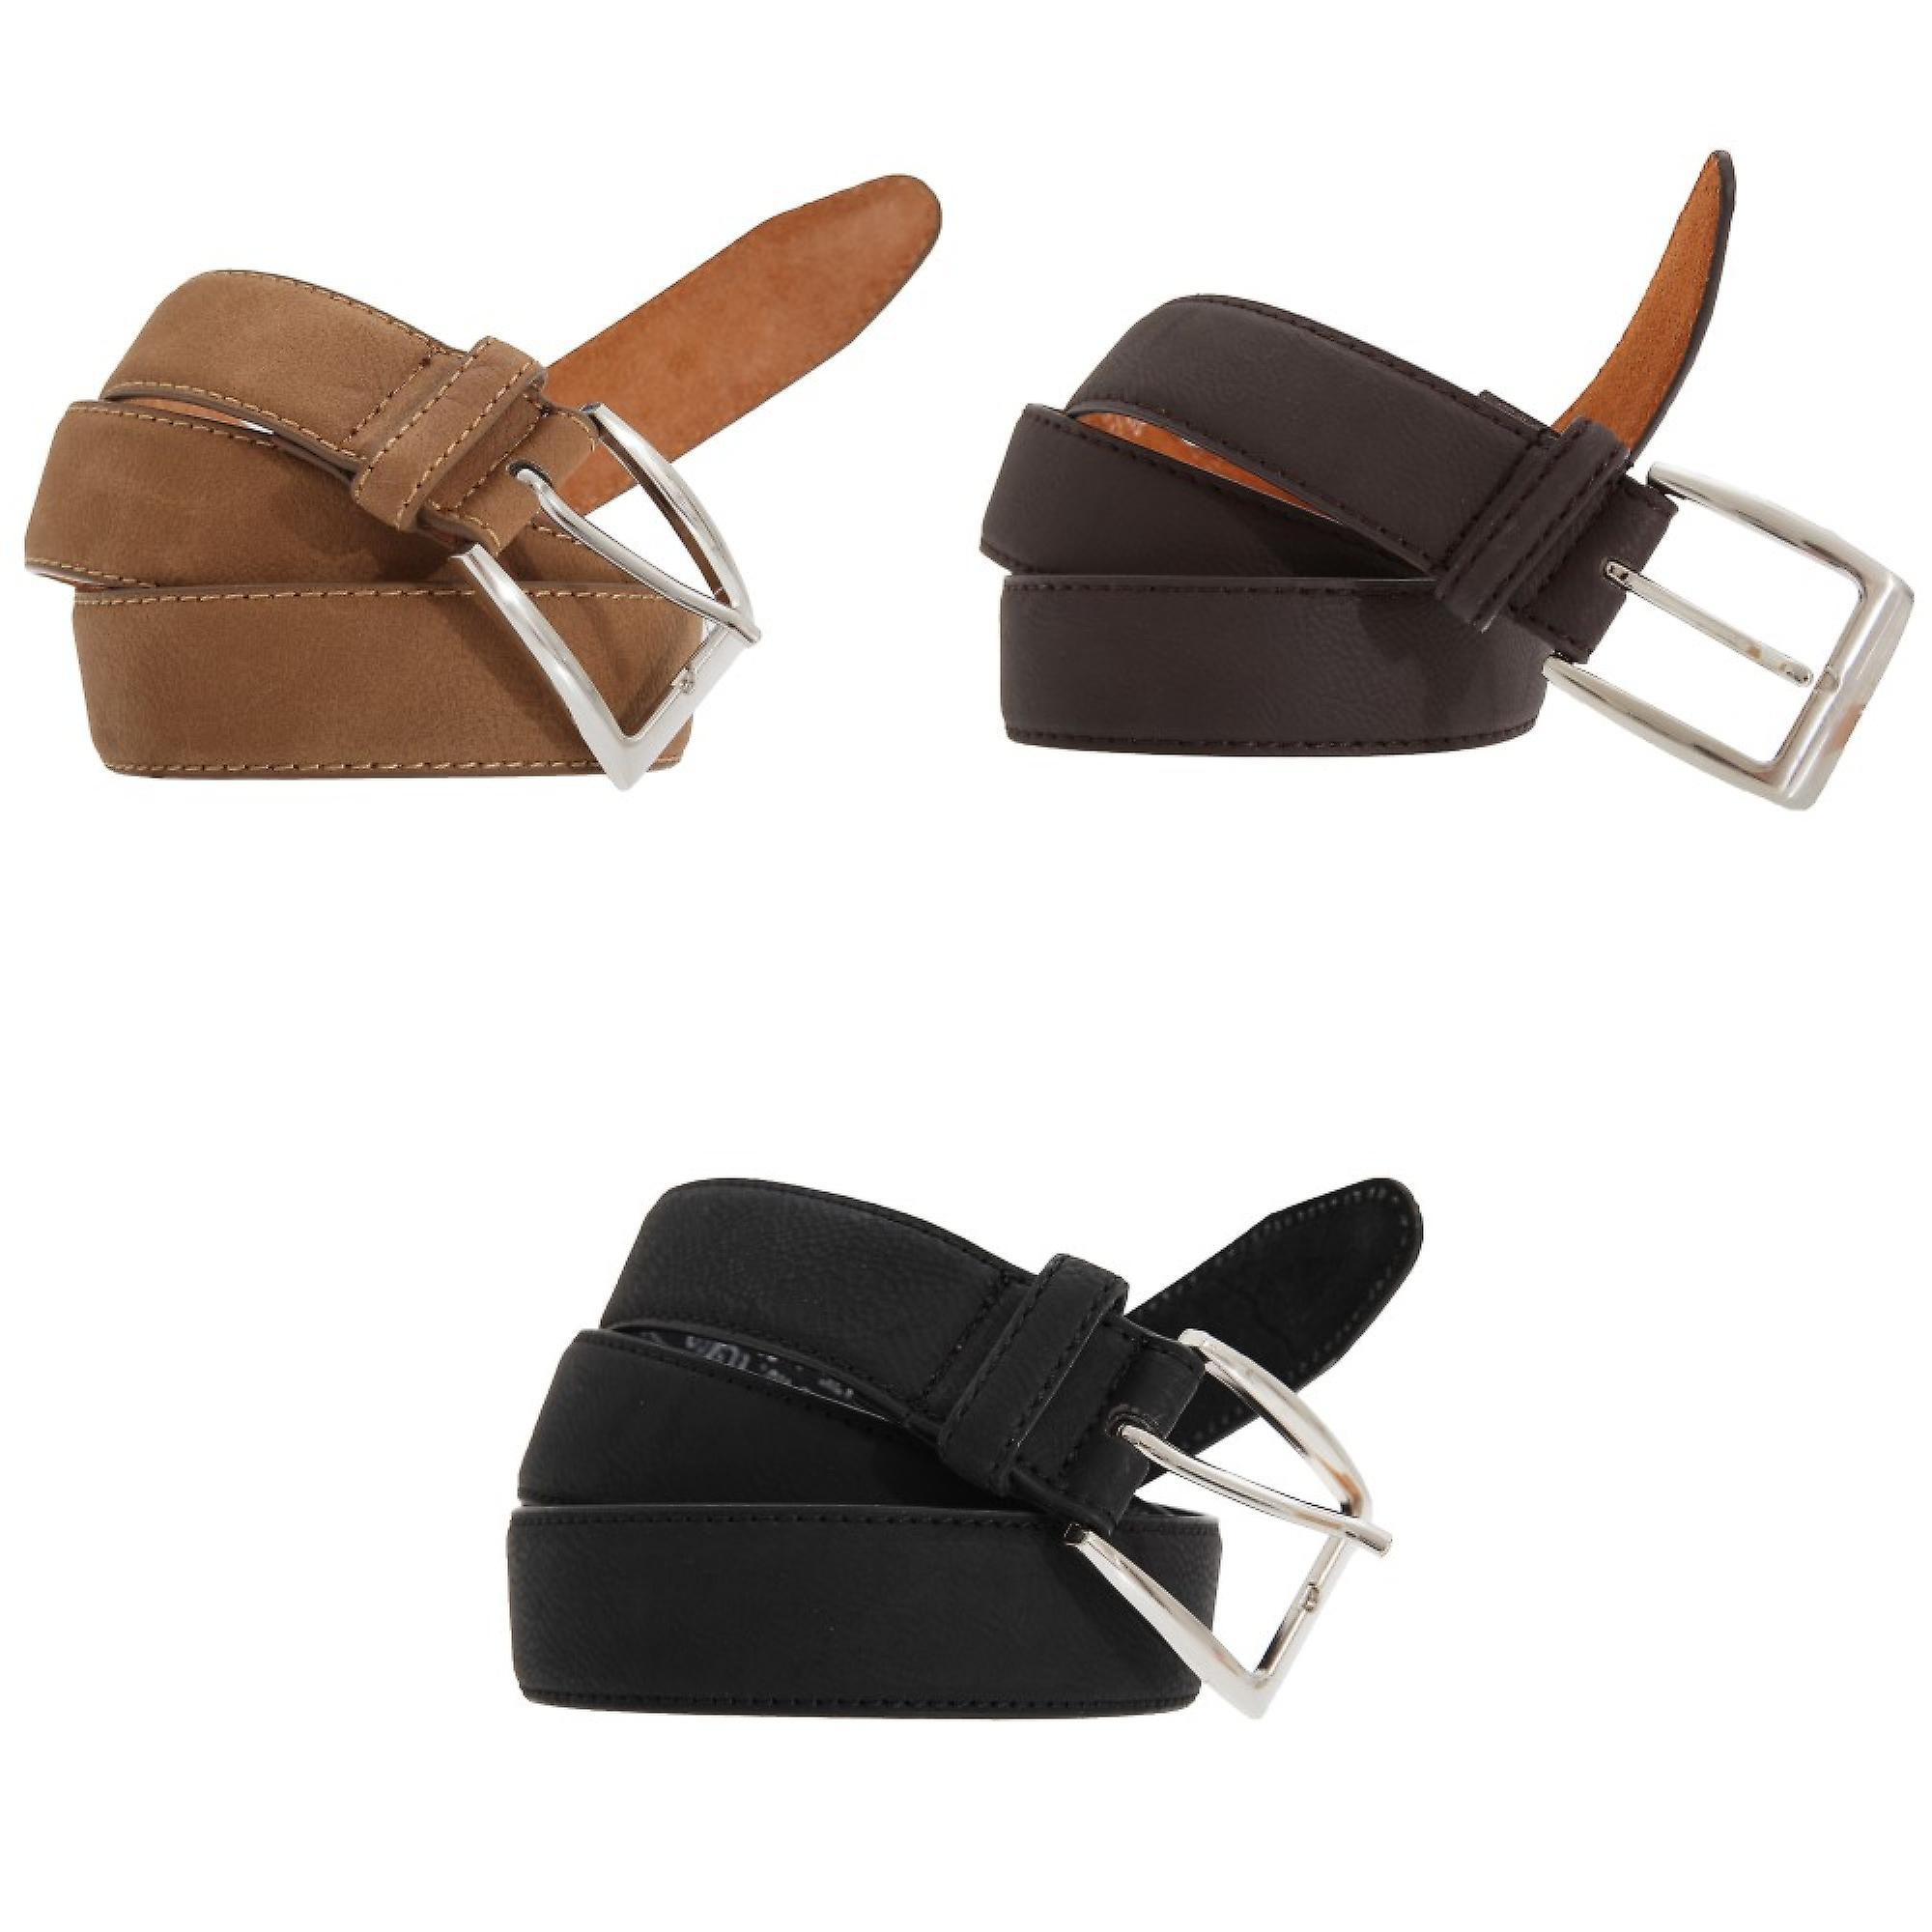 Forest Belts Mens 1.25 Inch Bonded Leather Belt